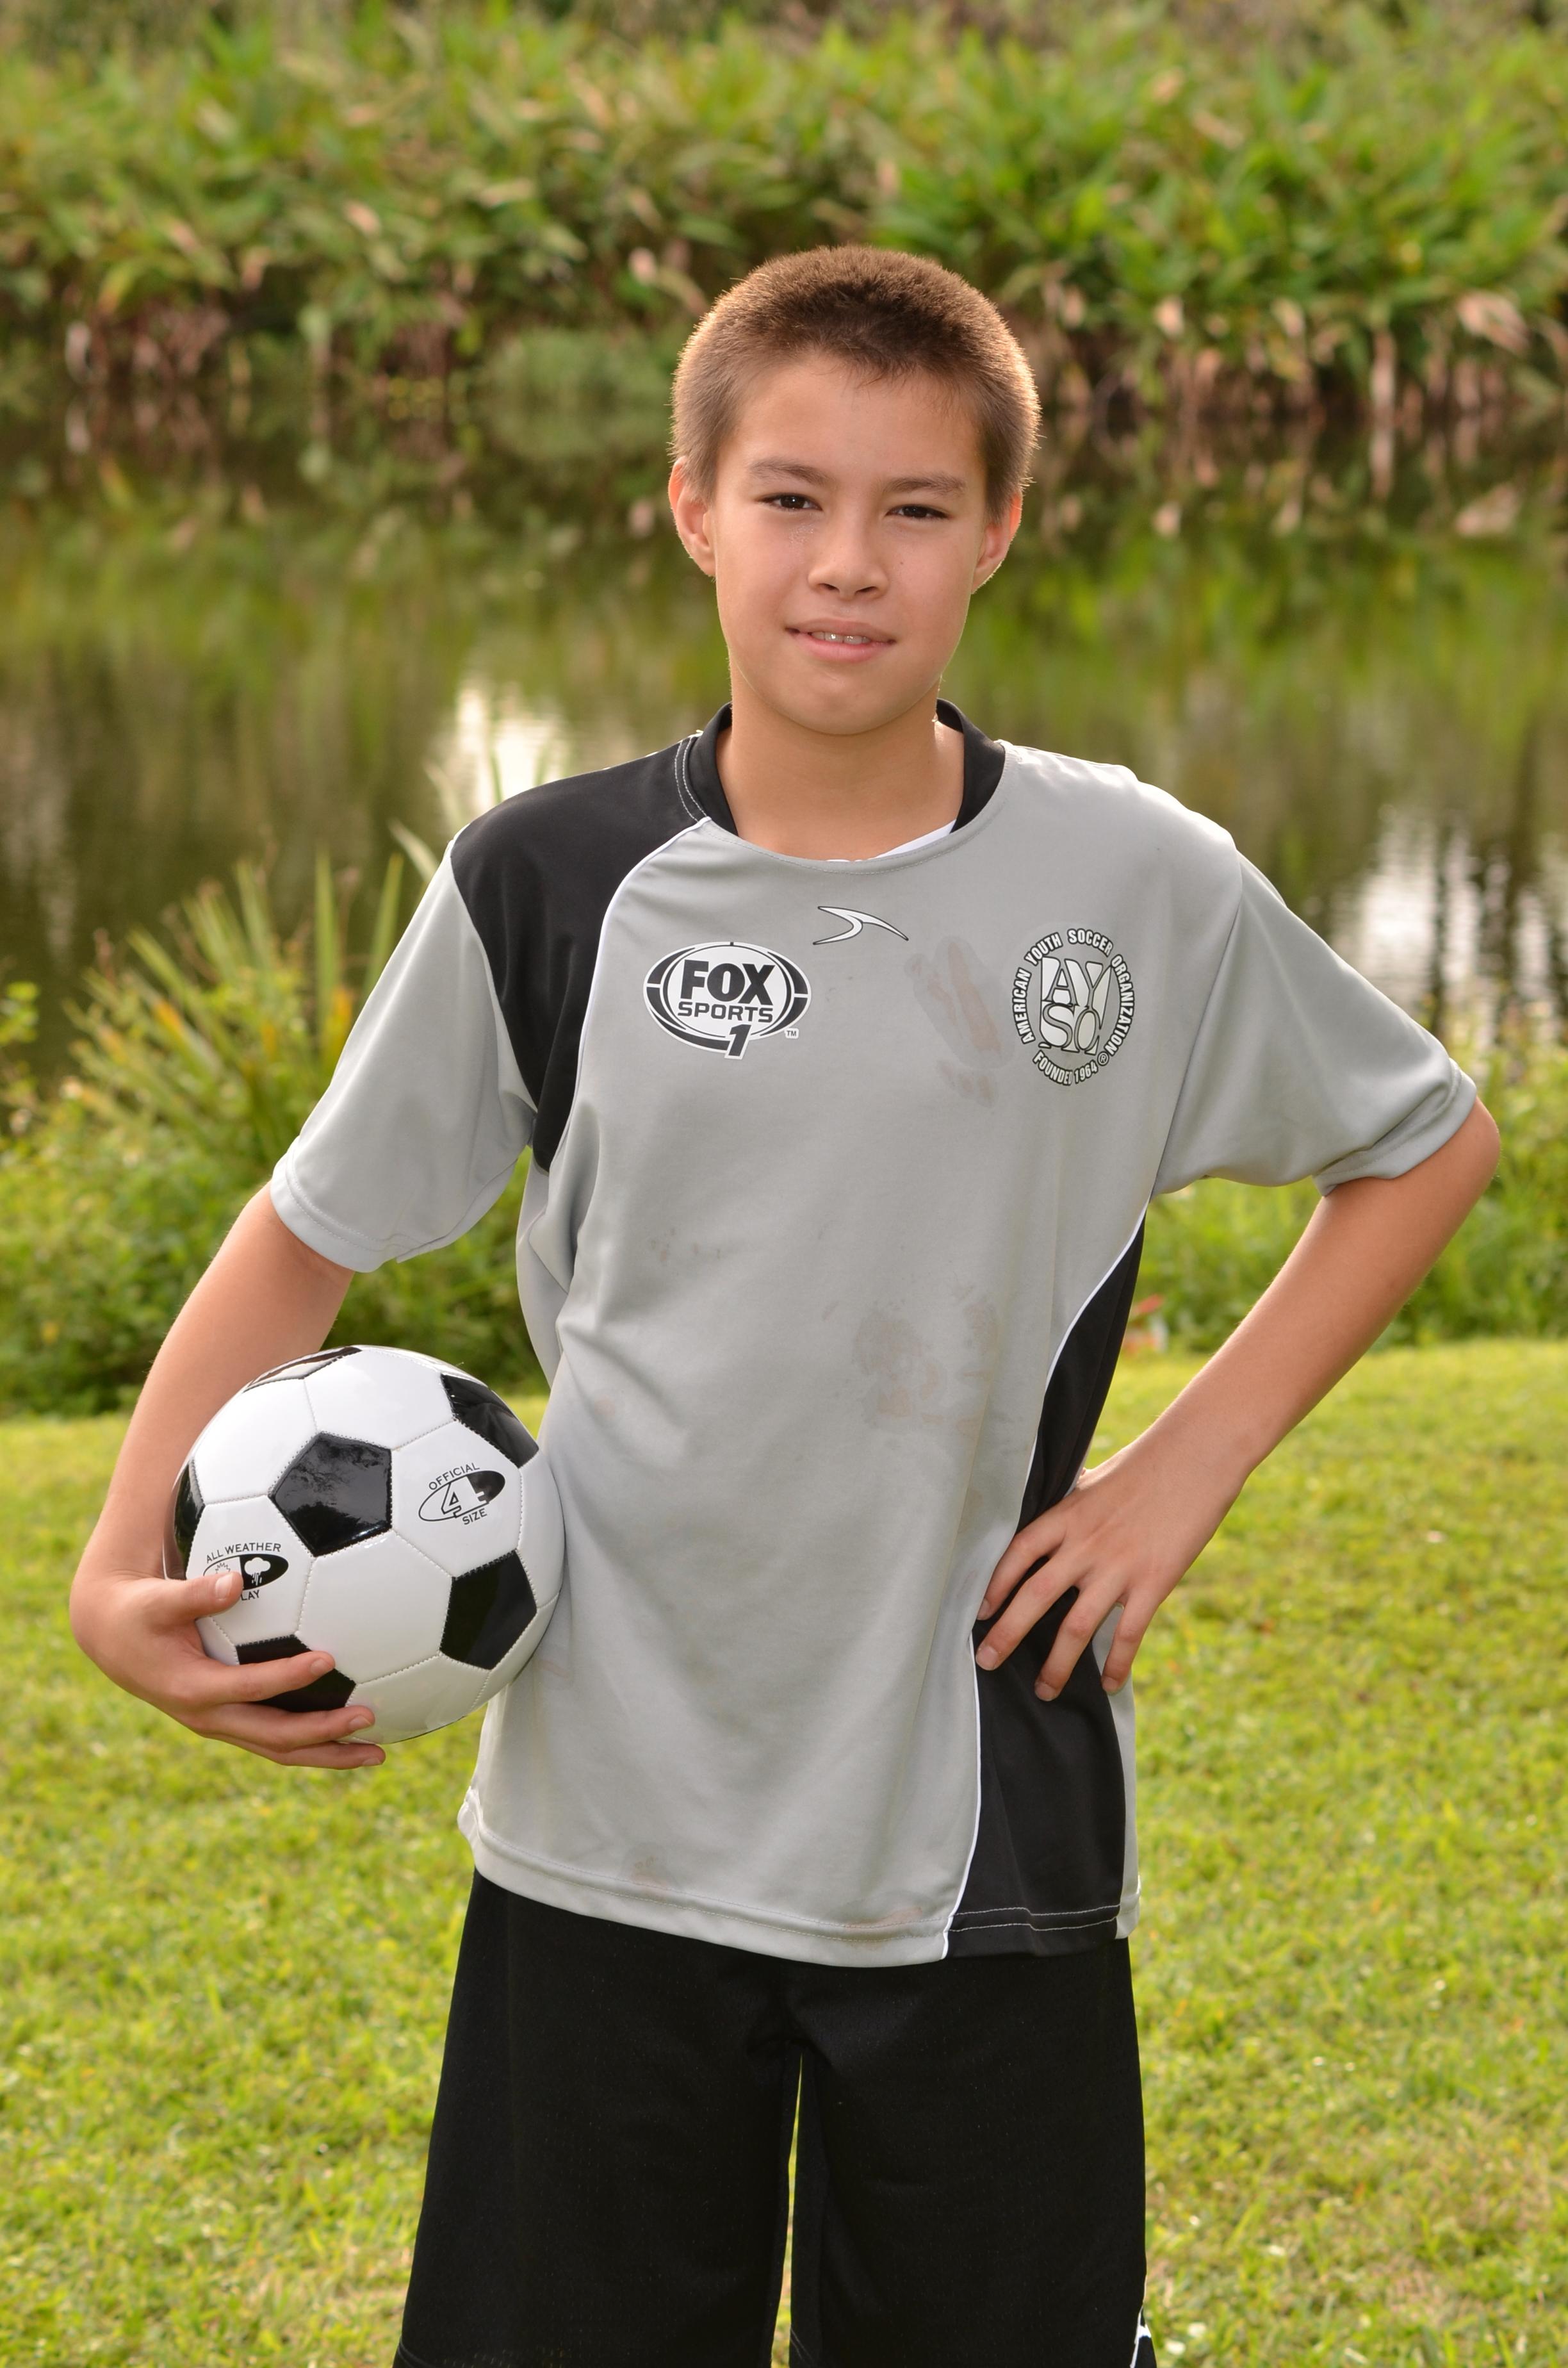 gyerekek futball sport- póló ruházat fiú ujj férfi felsőruházat fű gyermek  egyenruha mosoly móka sportruházat 7c0ac51786